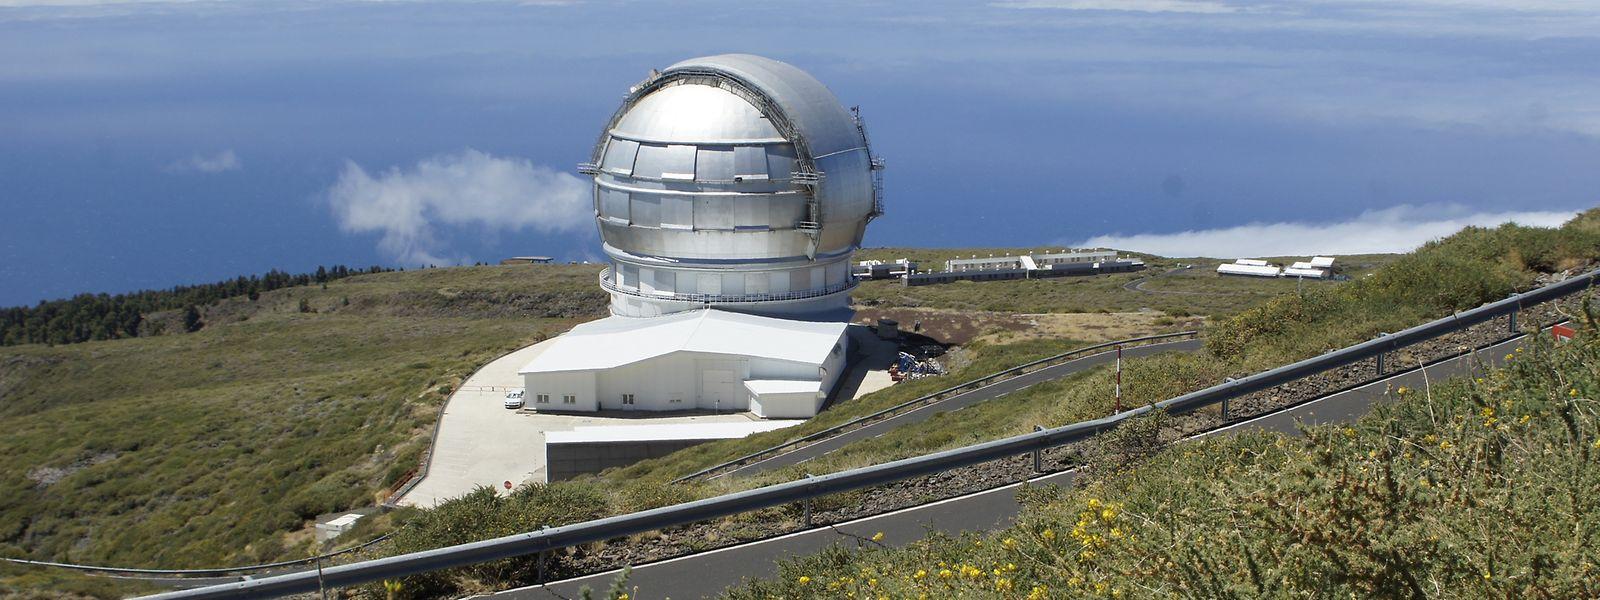 Das Gran Telescopio Canarias (GTC) auf dem Roque de Los Muchachos. Mit 10,4 Meter Durchmesser handelt es sich seit 2007 um das größte optische Infrarot-Spiegelteleskop der Welt.